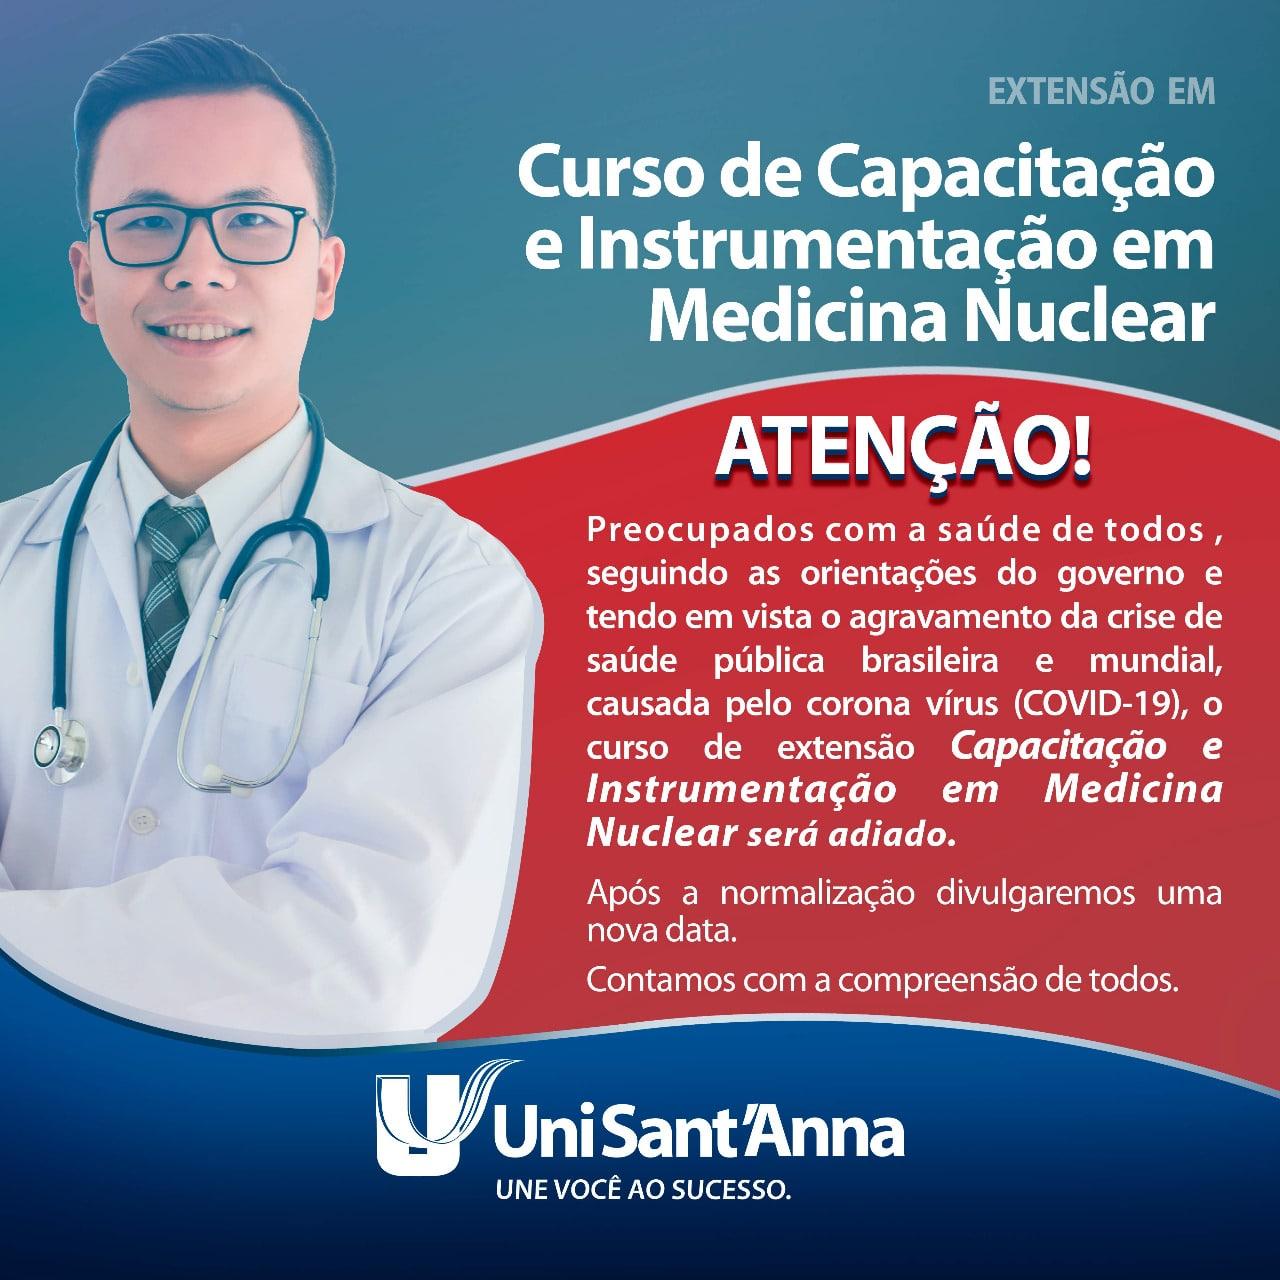 Capacitação e Instrumentação em Medicina Nuclear